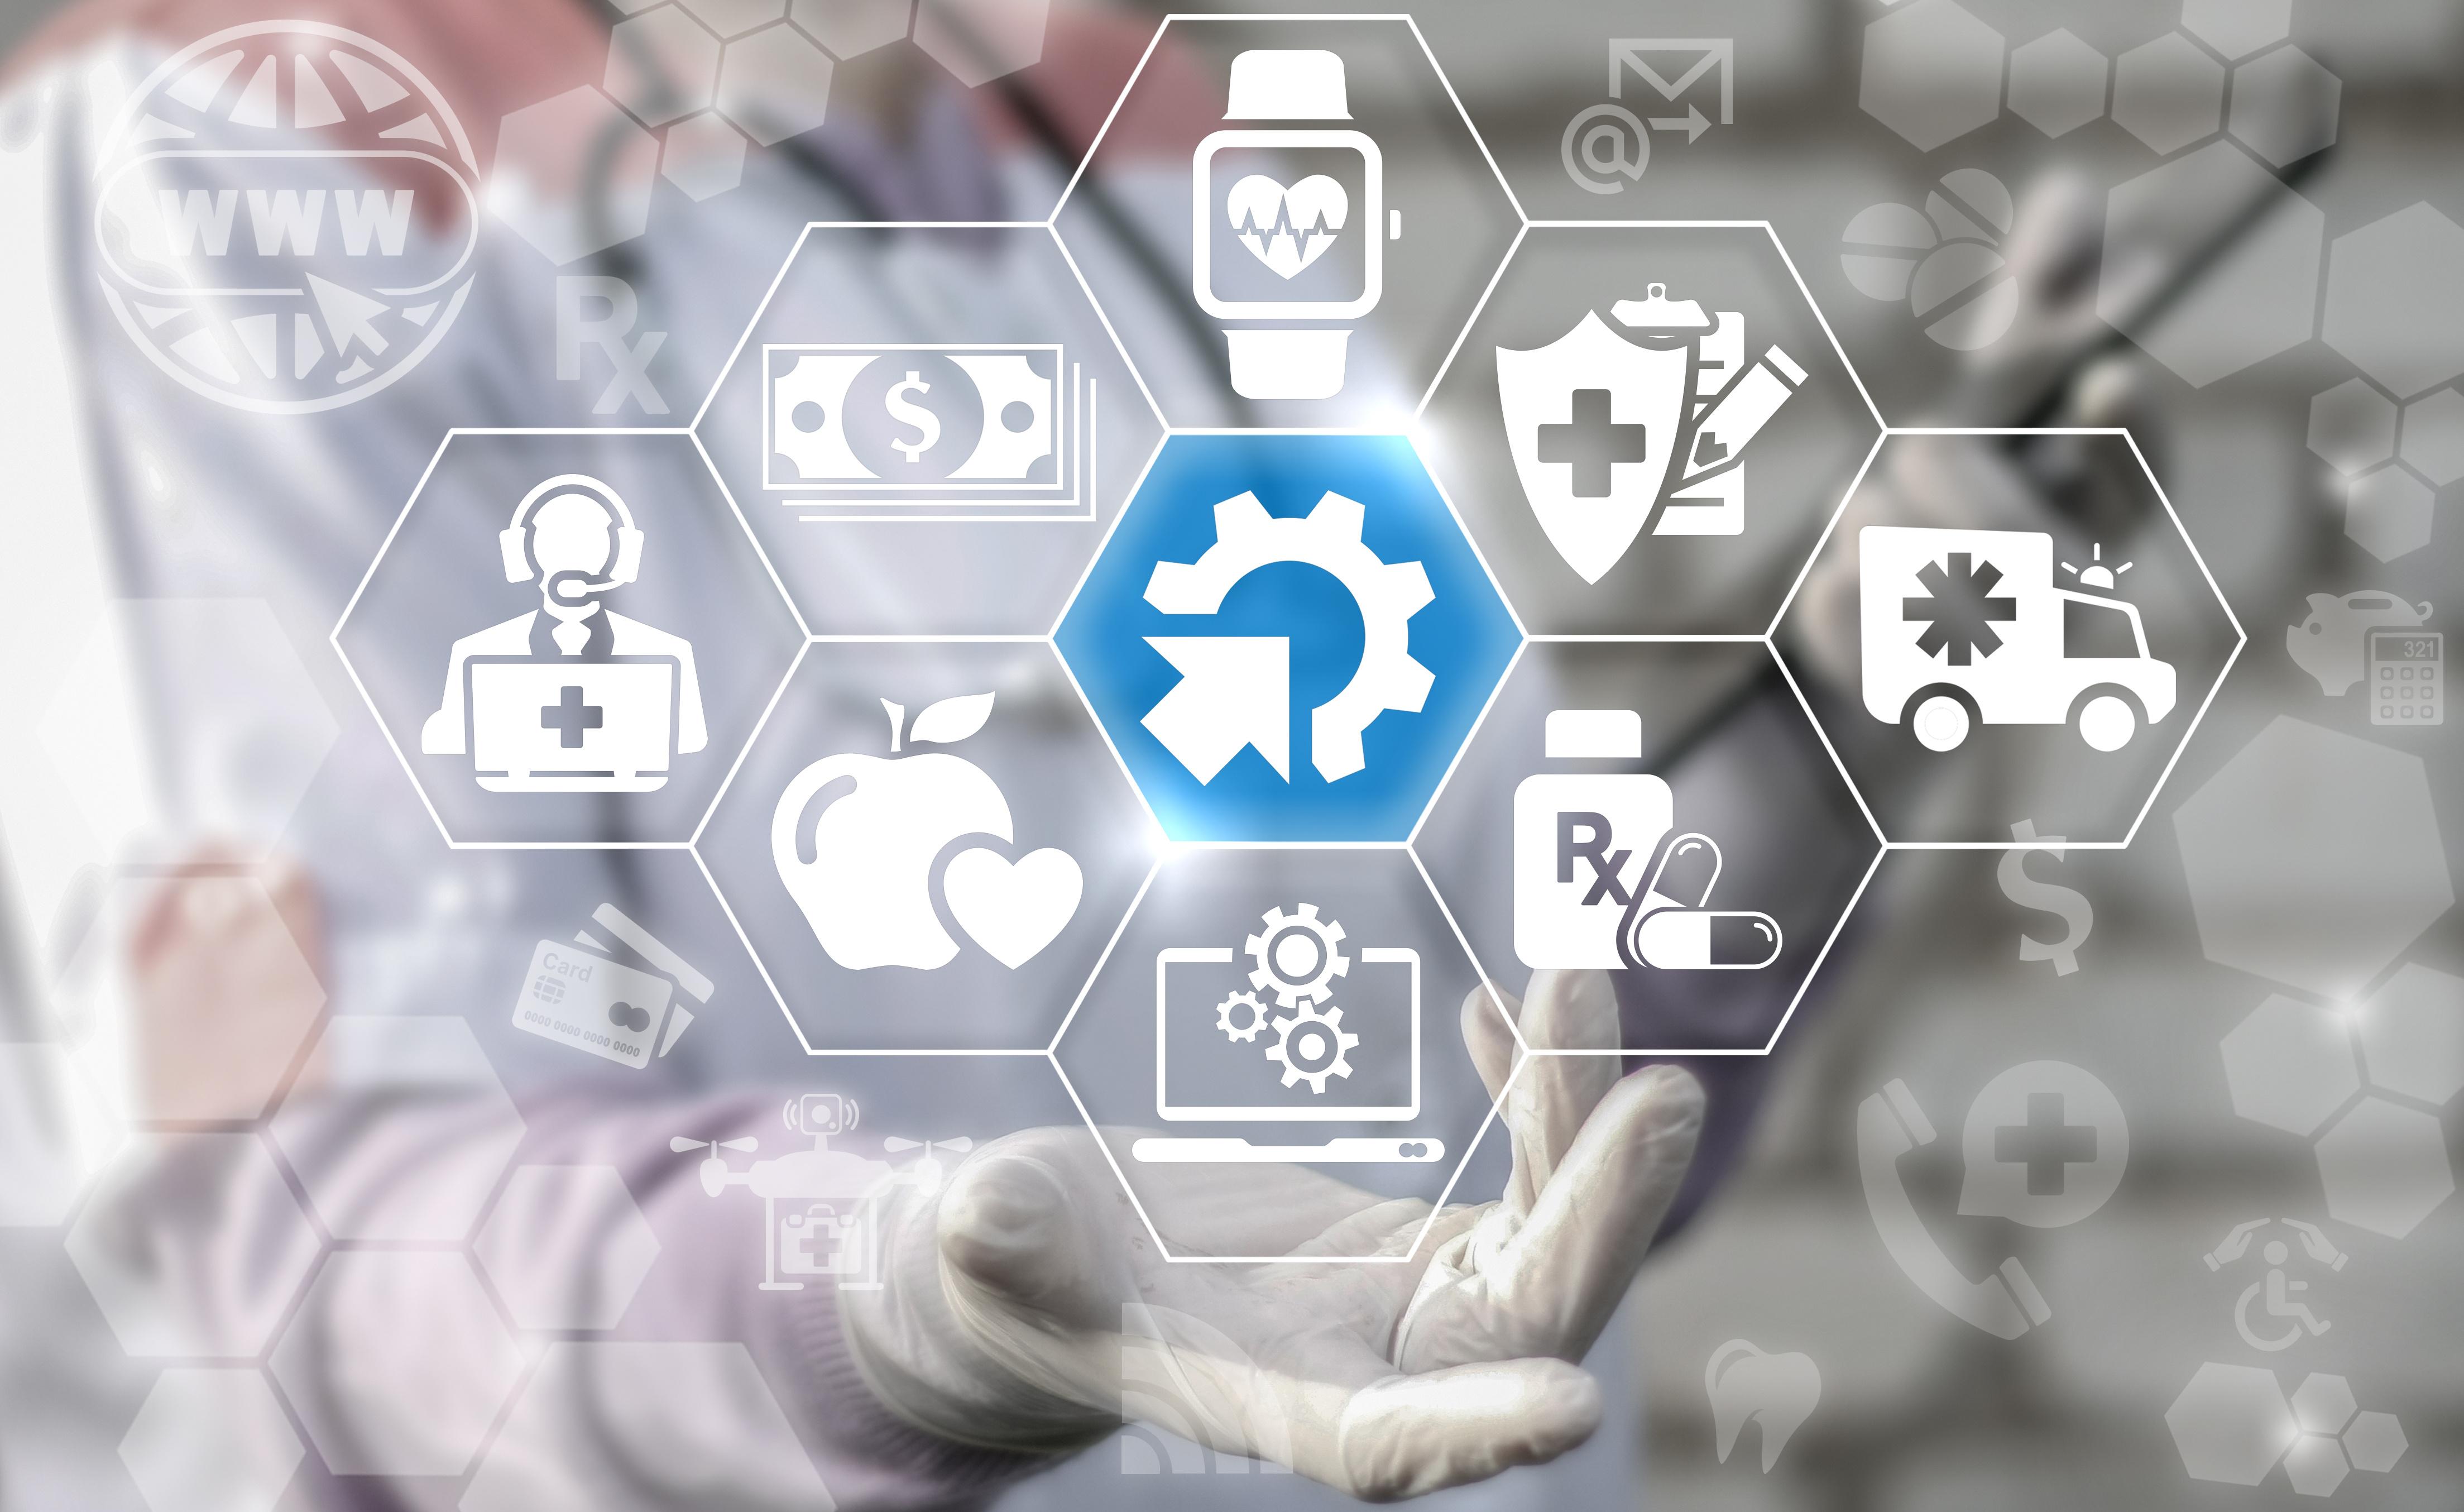 Como funciona a integração de sistemas na Saúde com a Telemedicina Morsch?